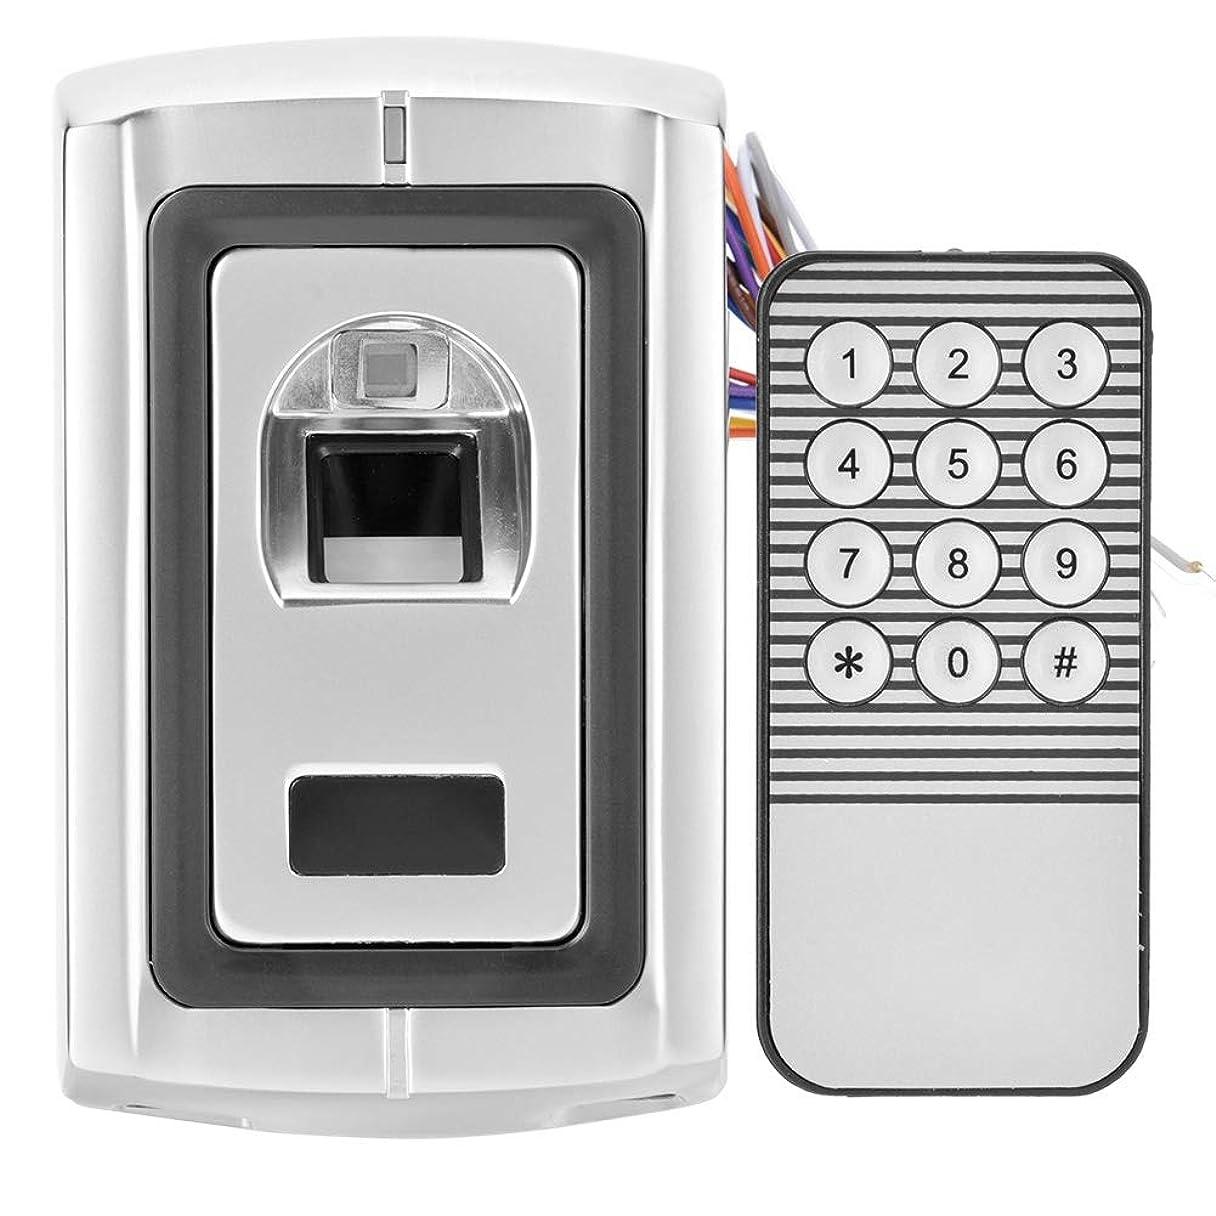 着陸滑り台お嬢電子指紋ドアロック アクセス制御指紋認証 1リモコン付き安全ドアアクセス制御システム+ 1指紋アクセス制御